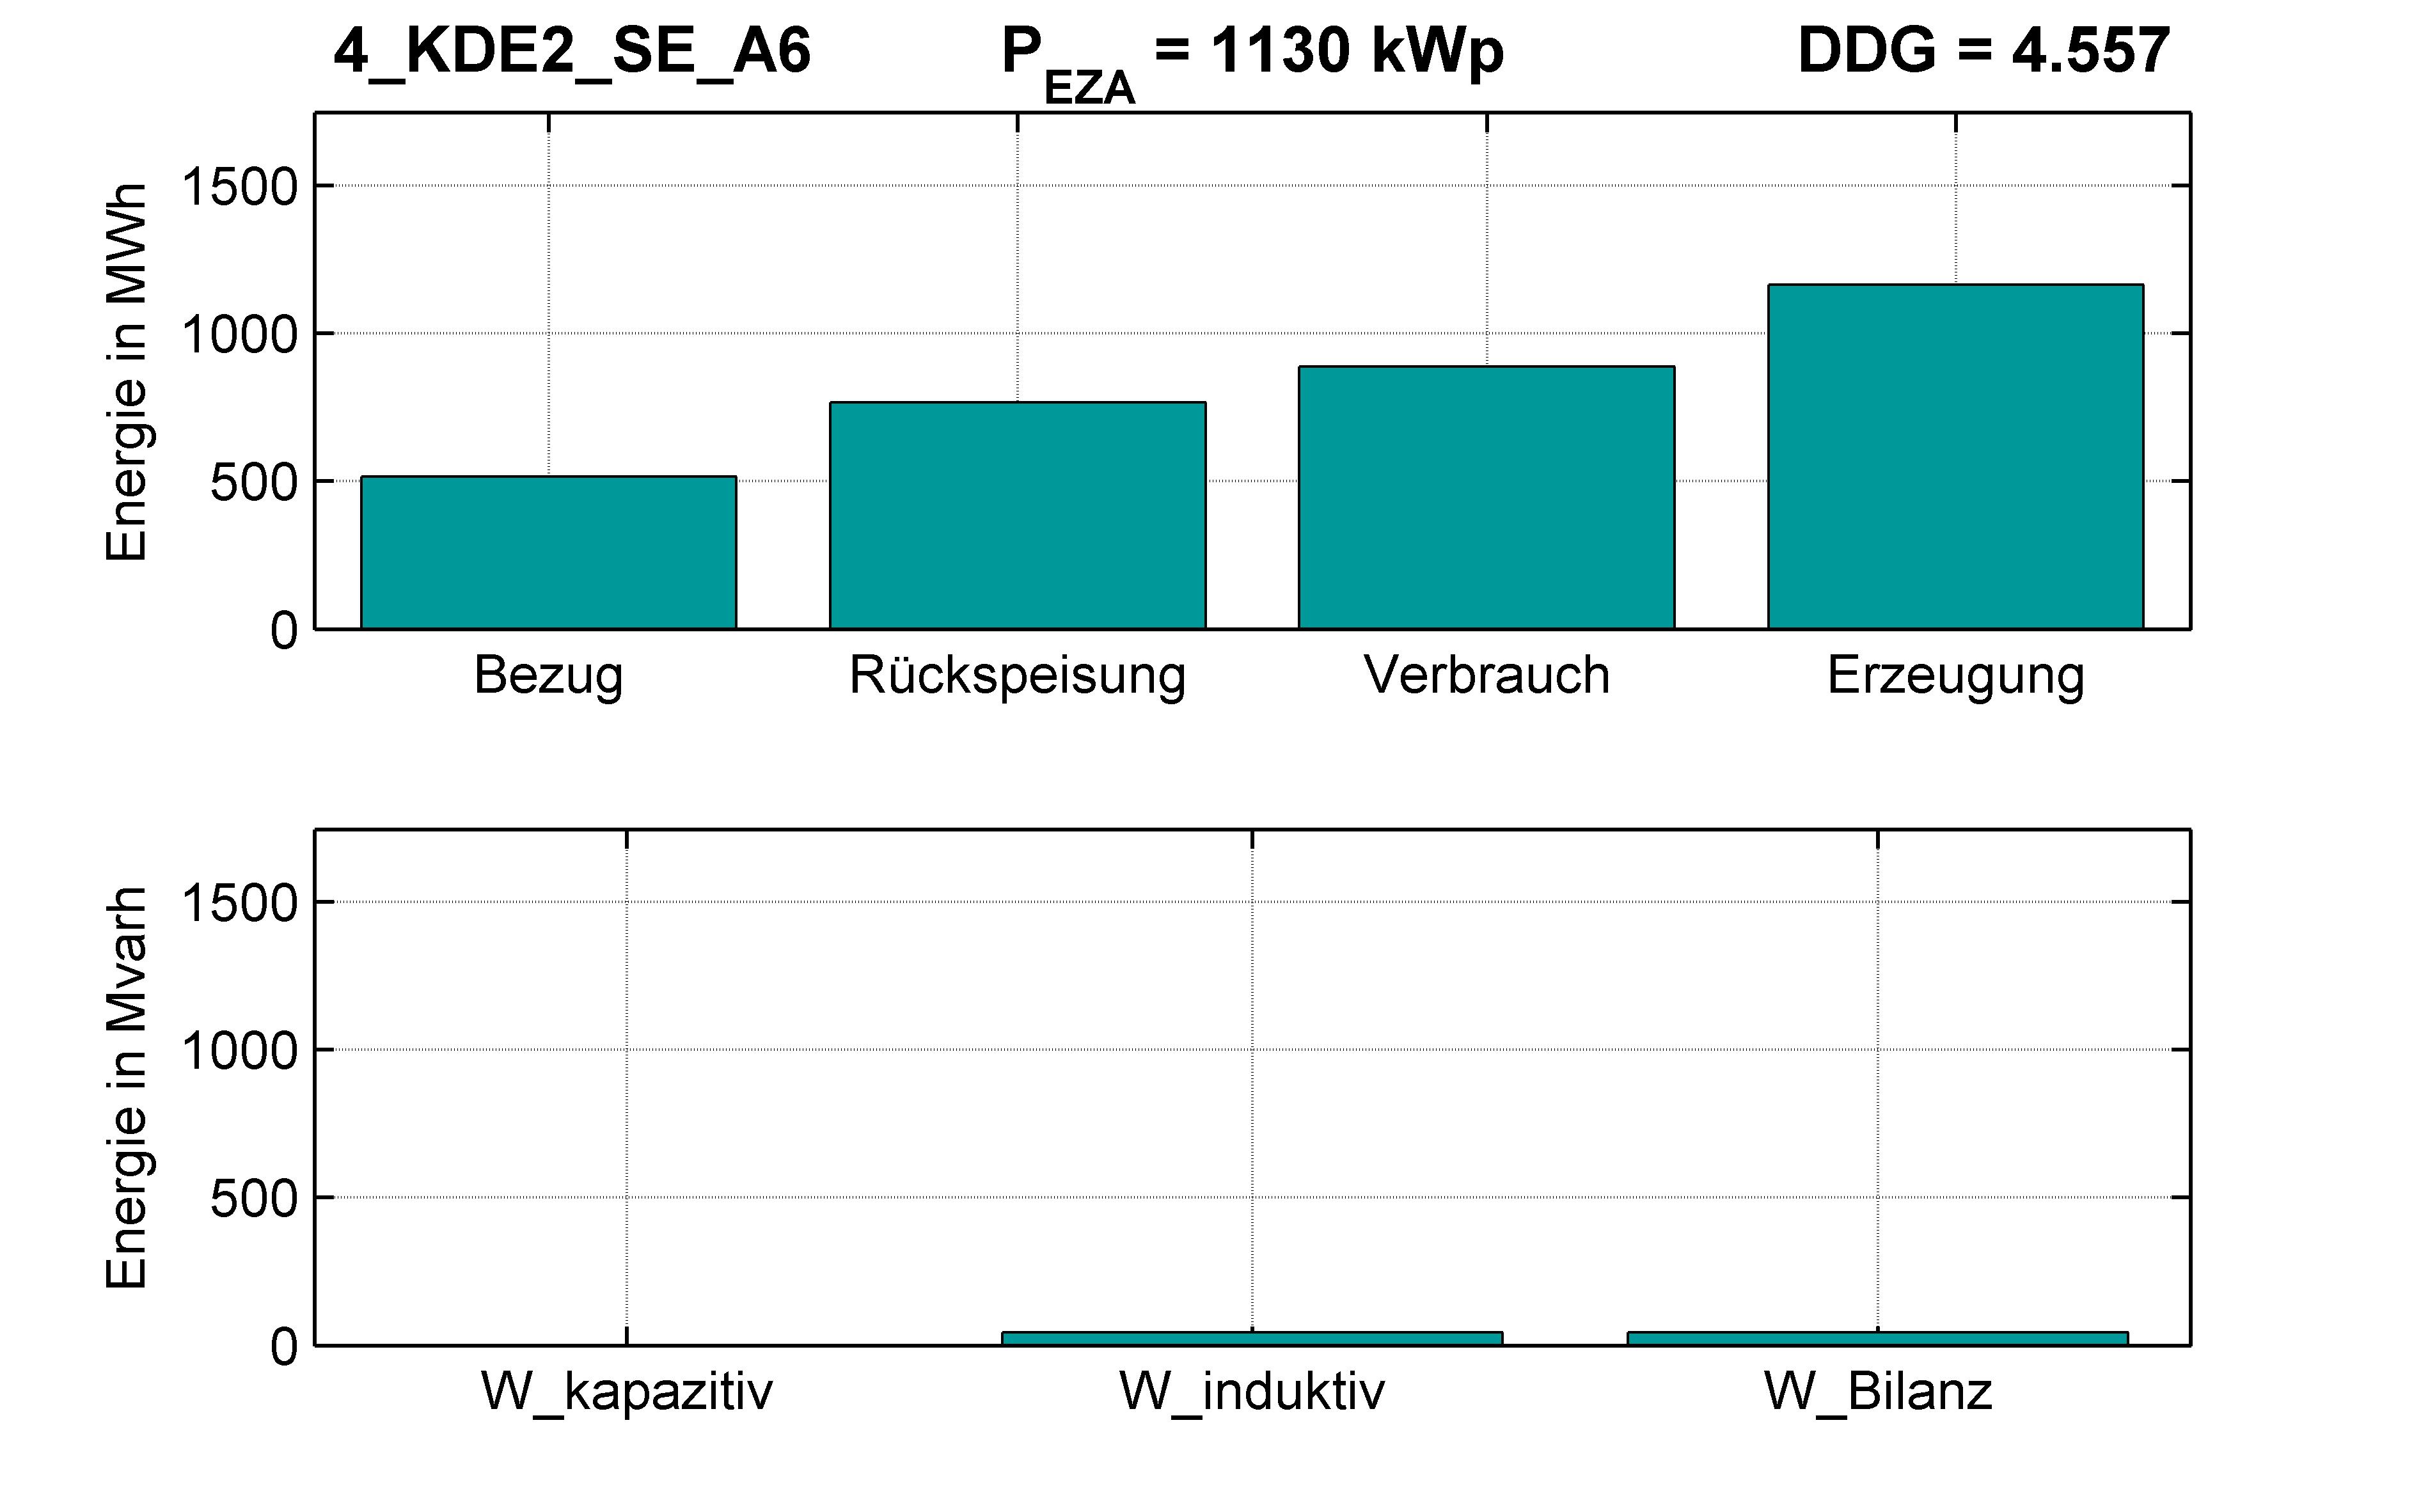 KDE2 | P-Kappung 55% (SE) A6 | PQ-Bilanz